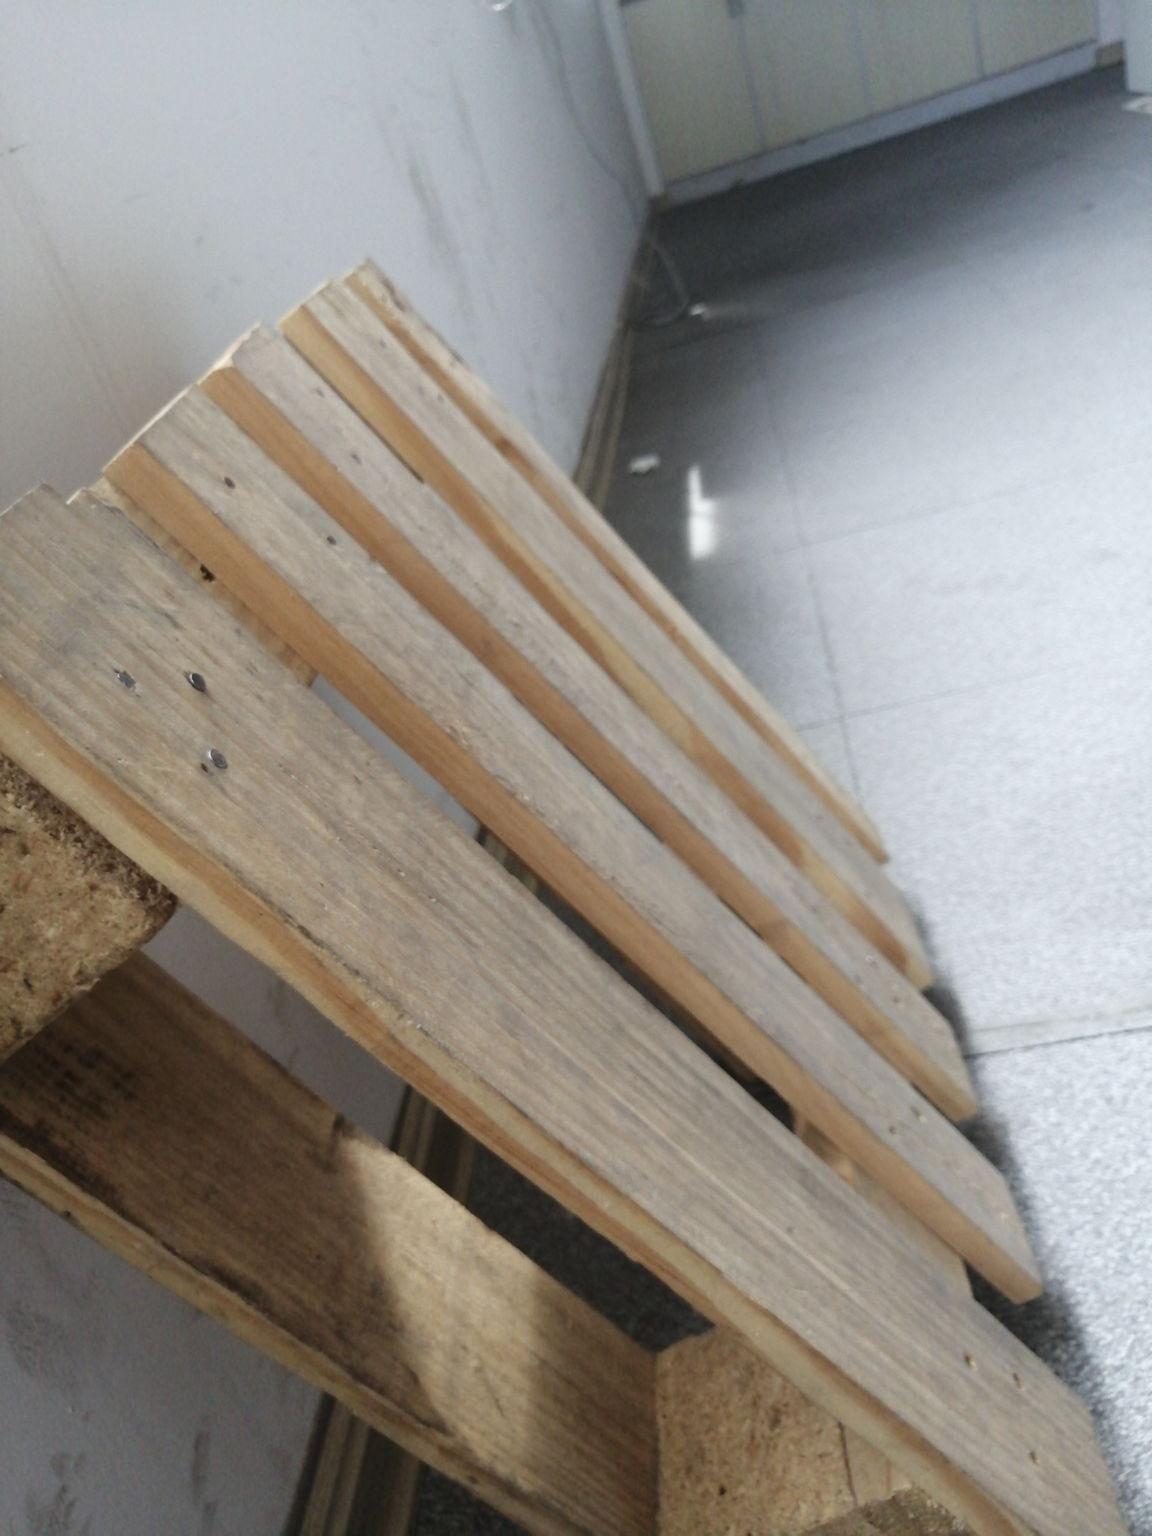 嘉兴长期承重木托盘加工厂—林安顺可以查看我们网站